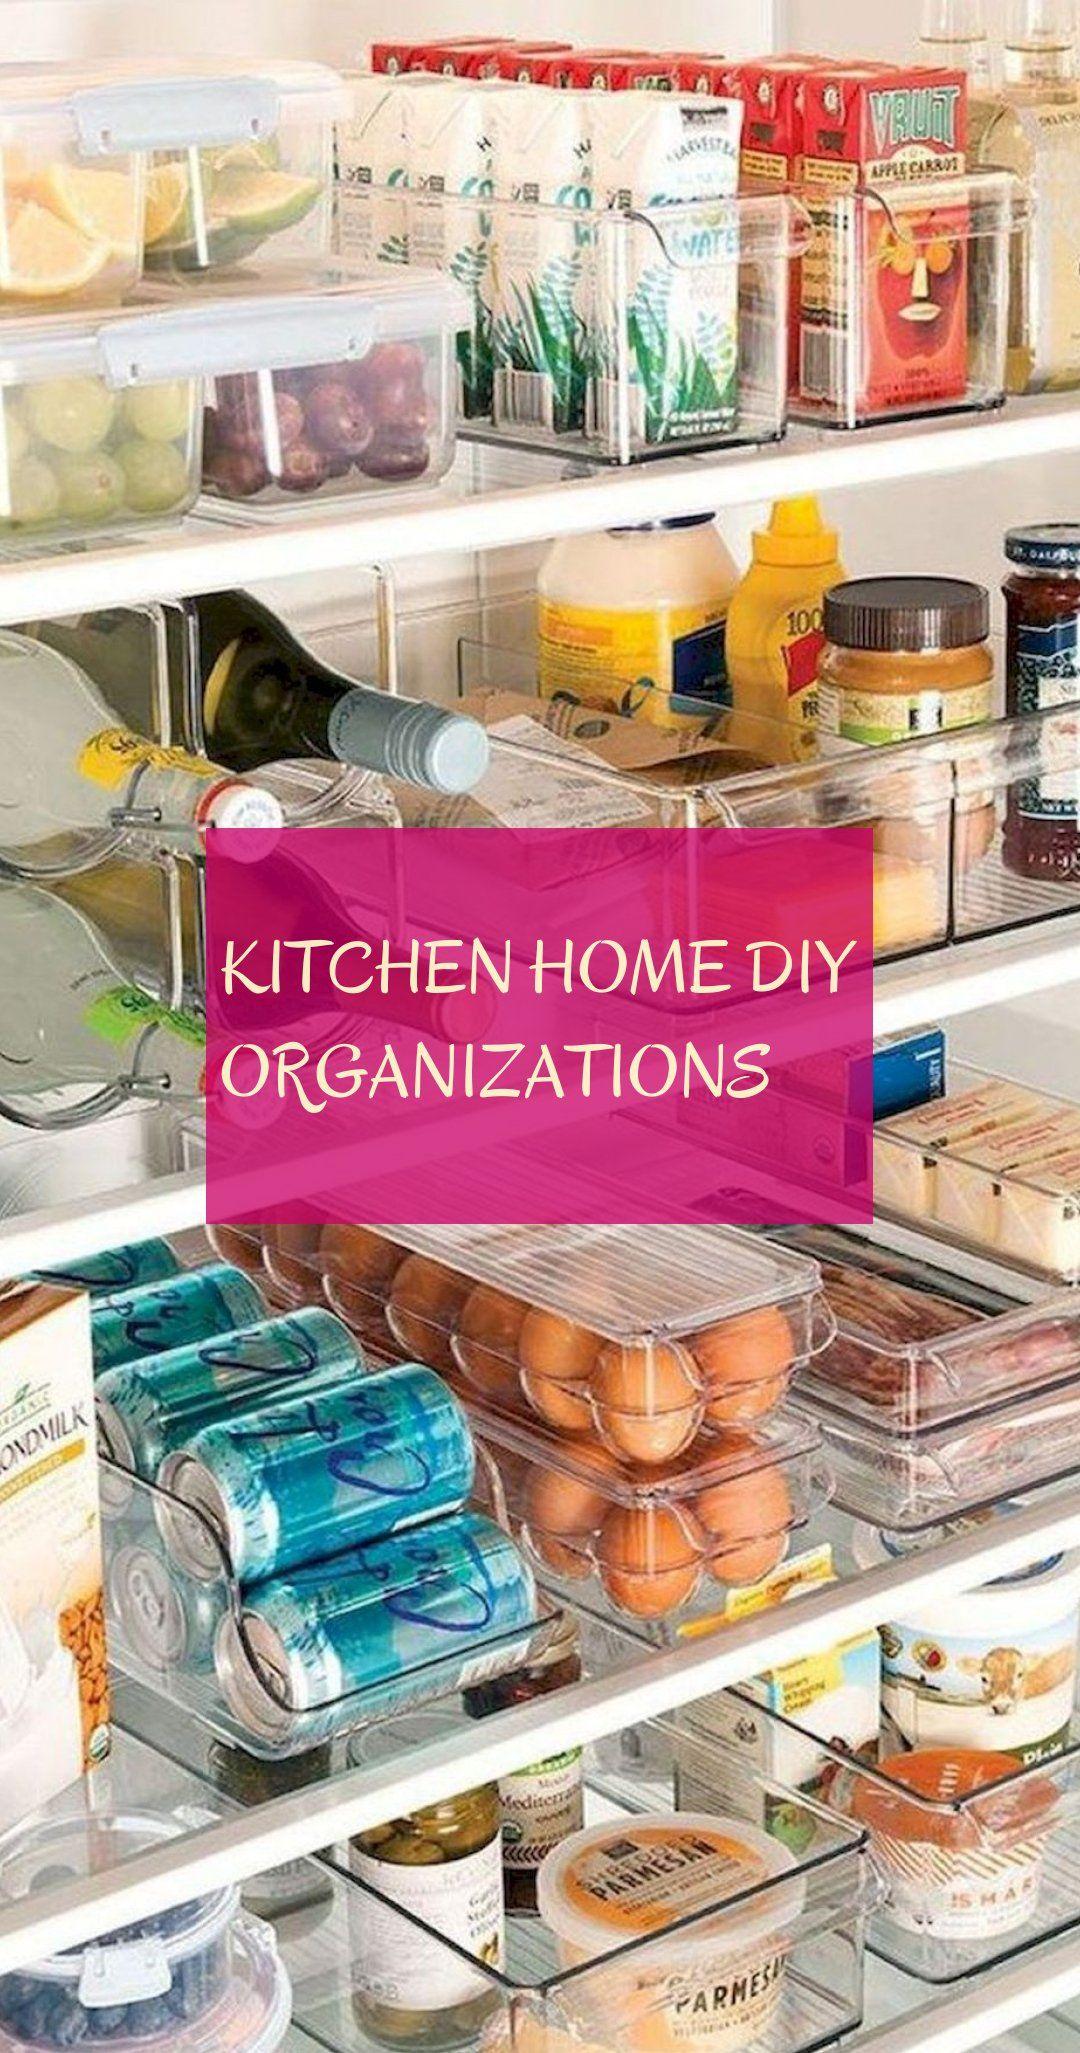 Kitchen home diy organizations